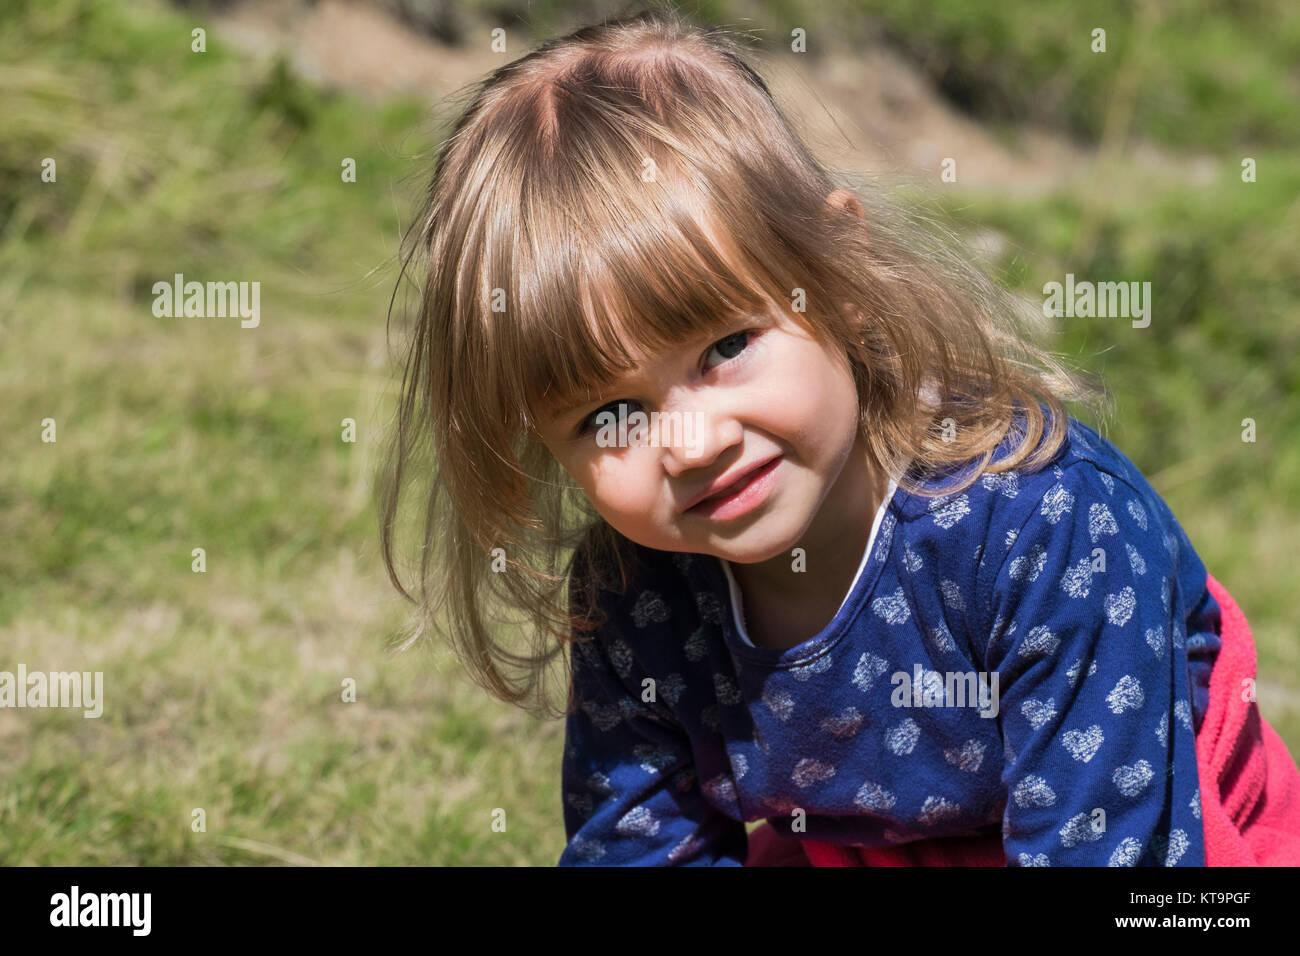 Ritratto di una bambina con un'emozione di dubbio Immagini Stock